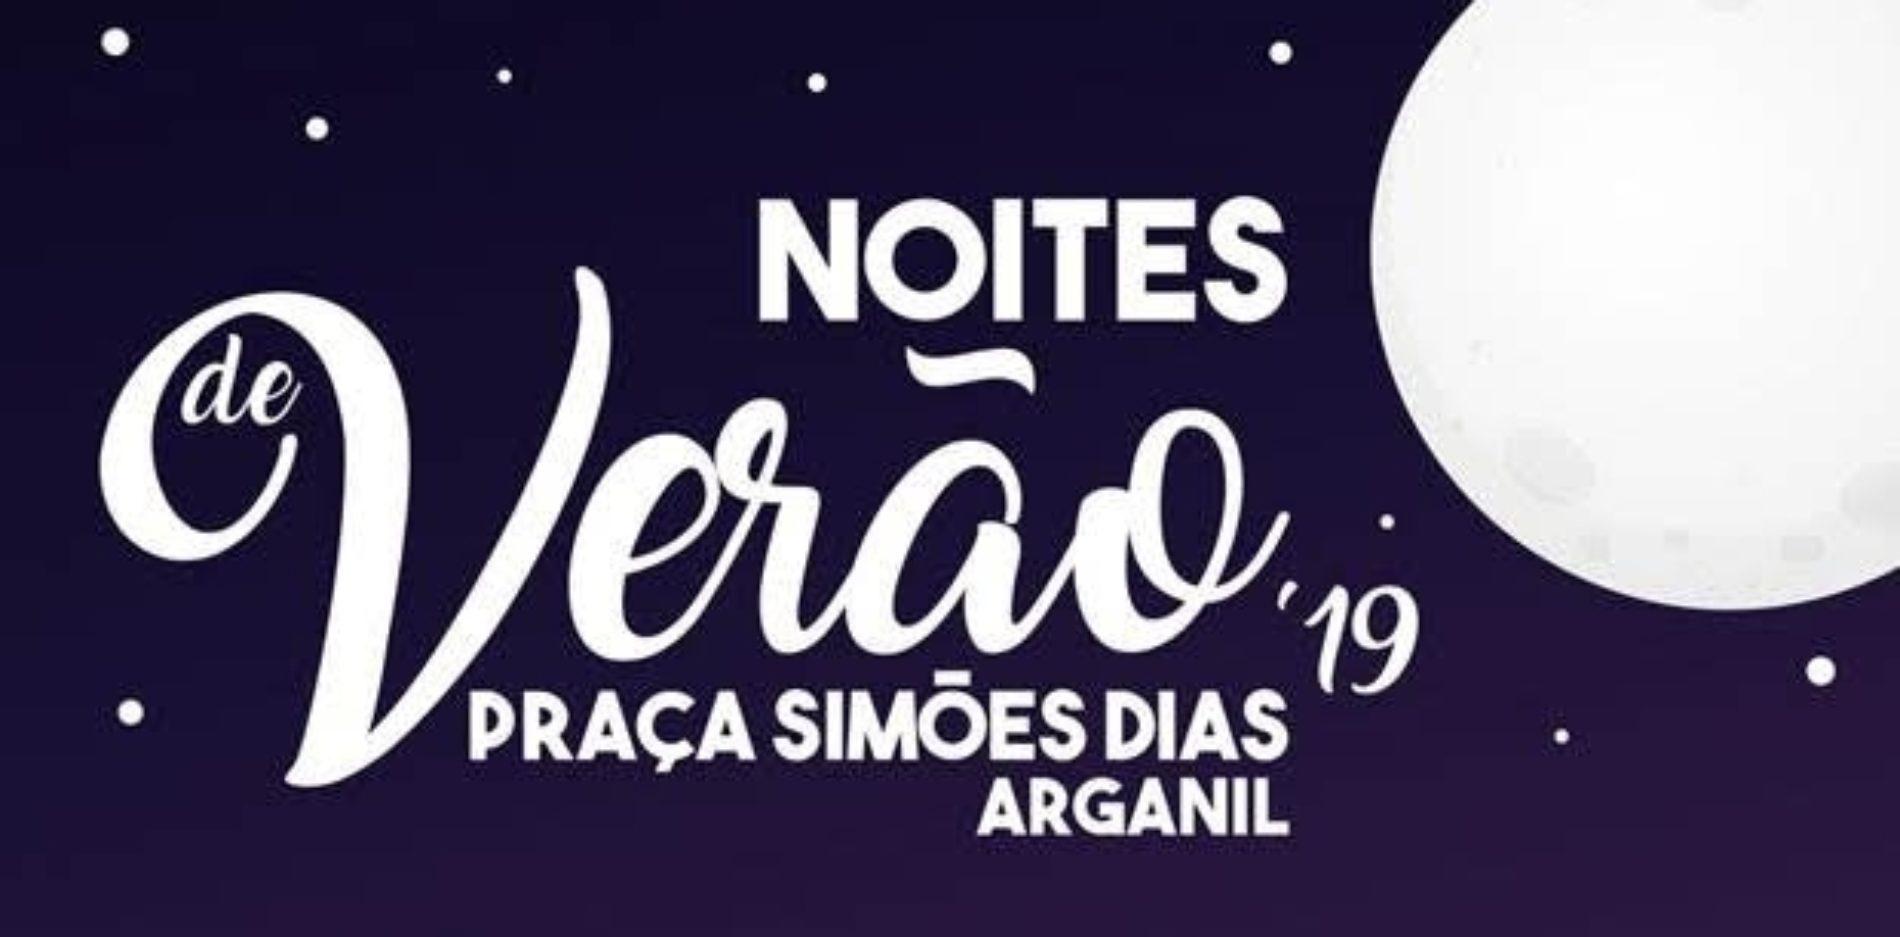 """Arganil promove """"Noites de Verão"""" em agosto"""